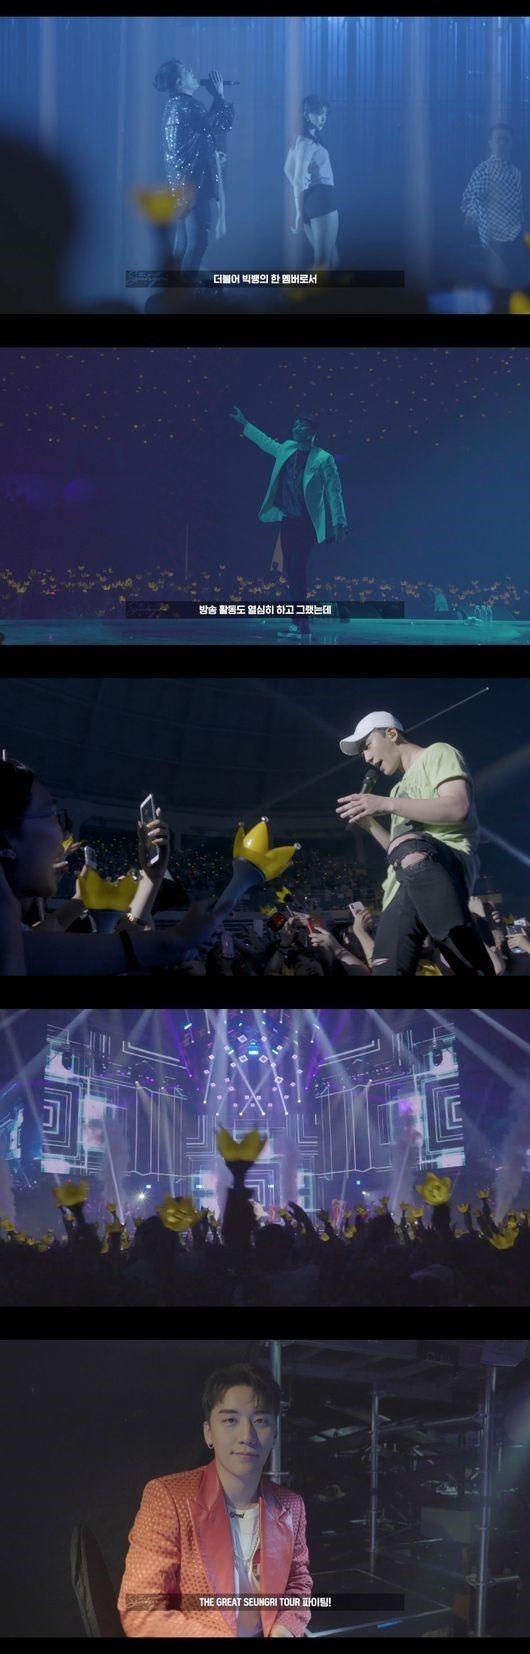 【BIGBANG NEWS】BIGBANGのV.I、韓国ツアーのフィナーレを迎えメイキング映像公開(動画あり)